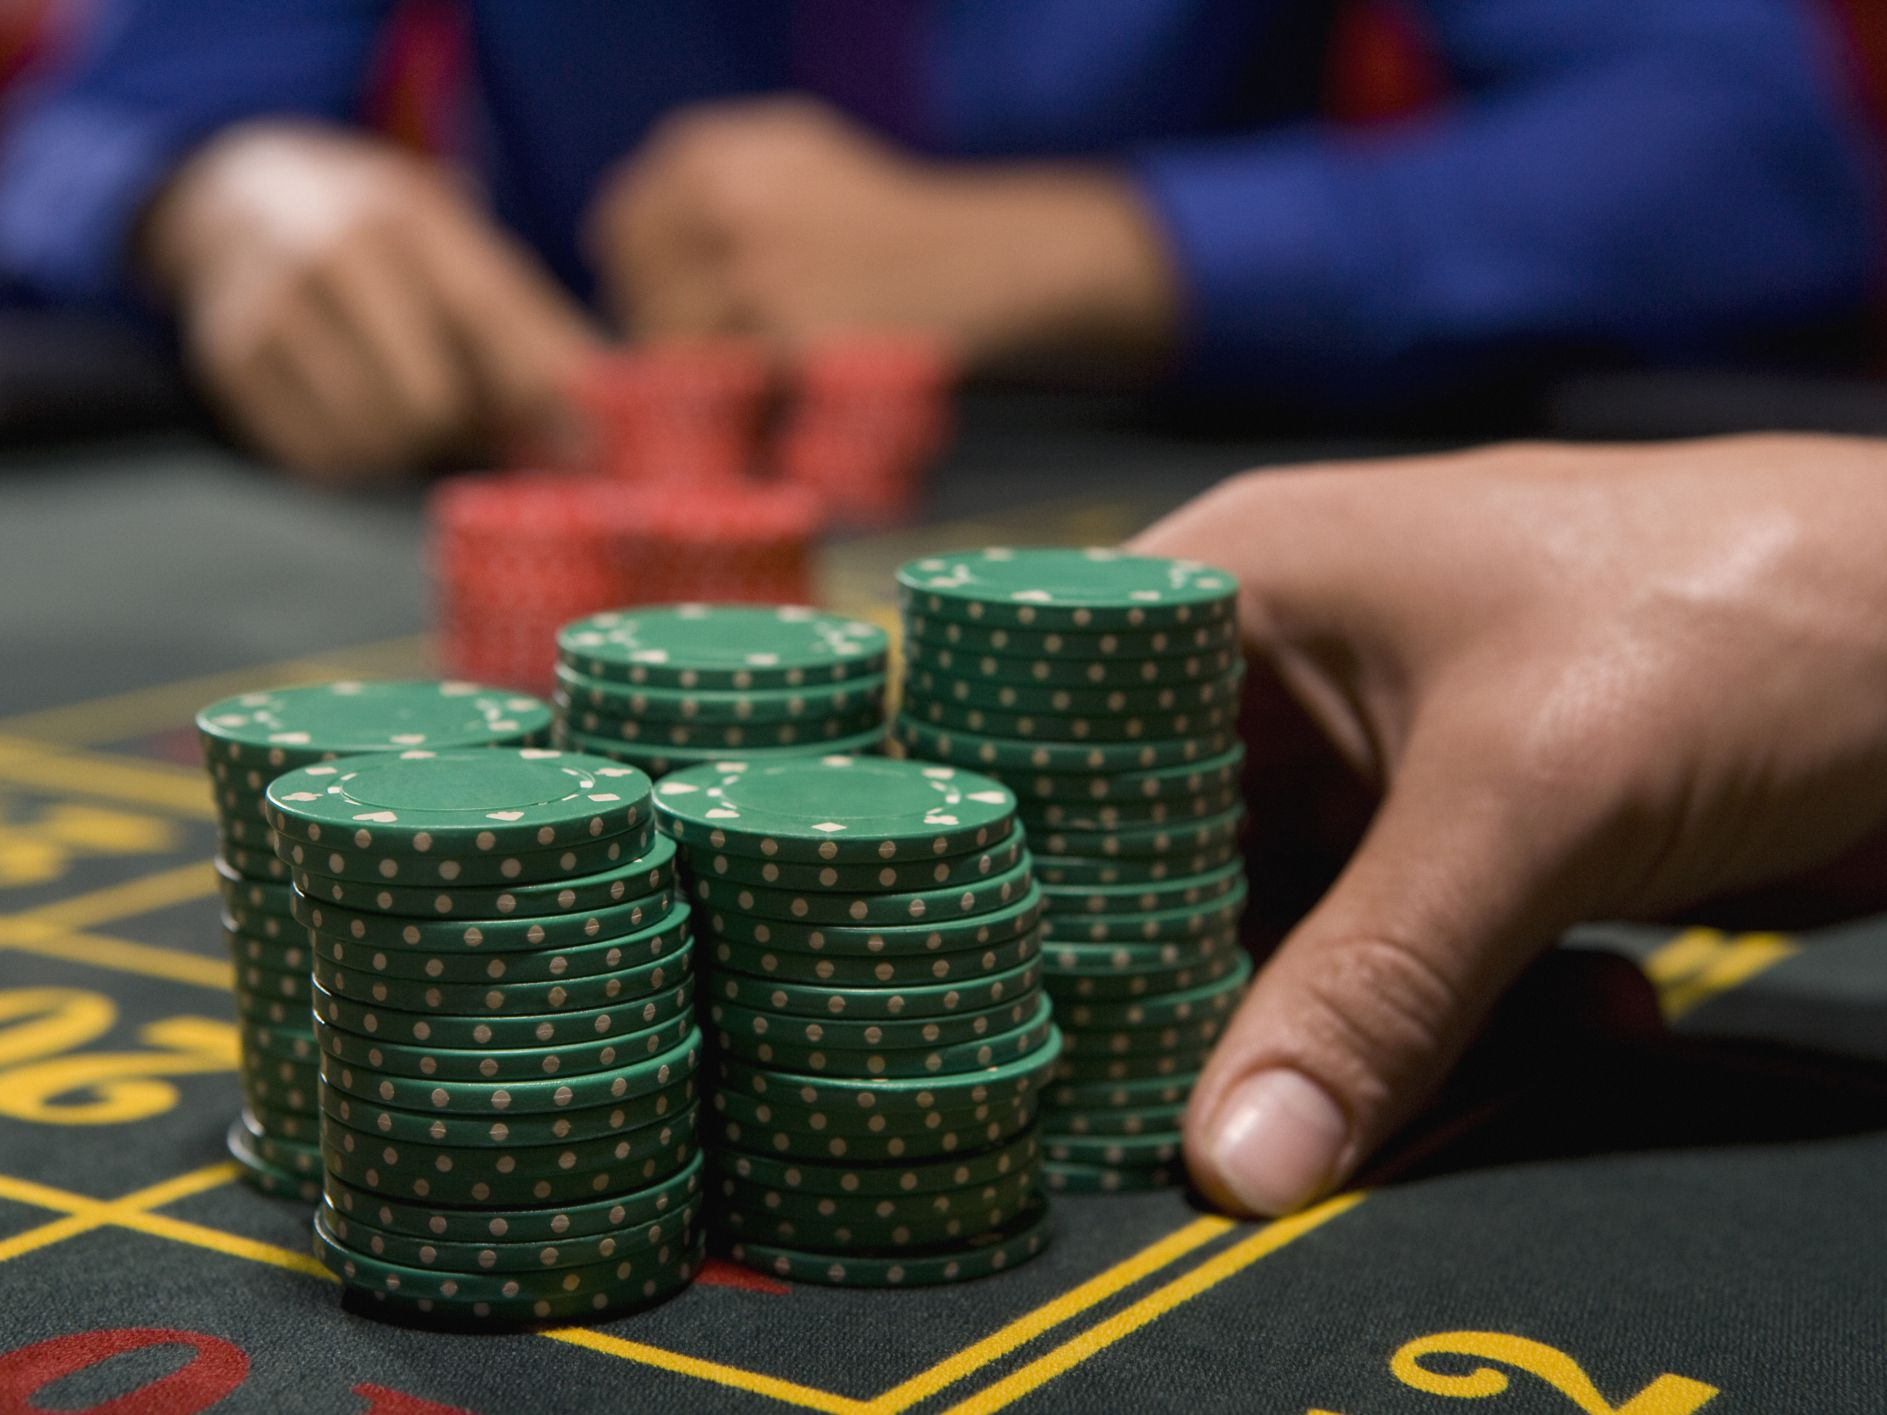 Addictive Gambling vs. Professional and Social Gambling